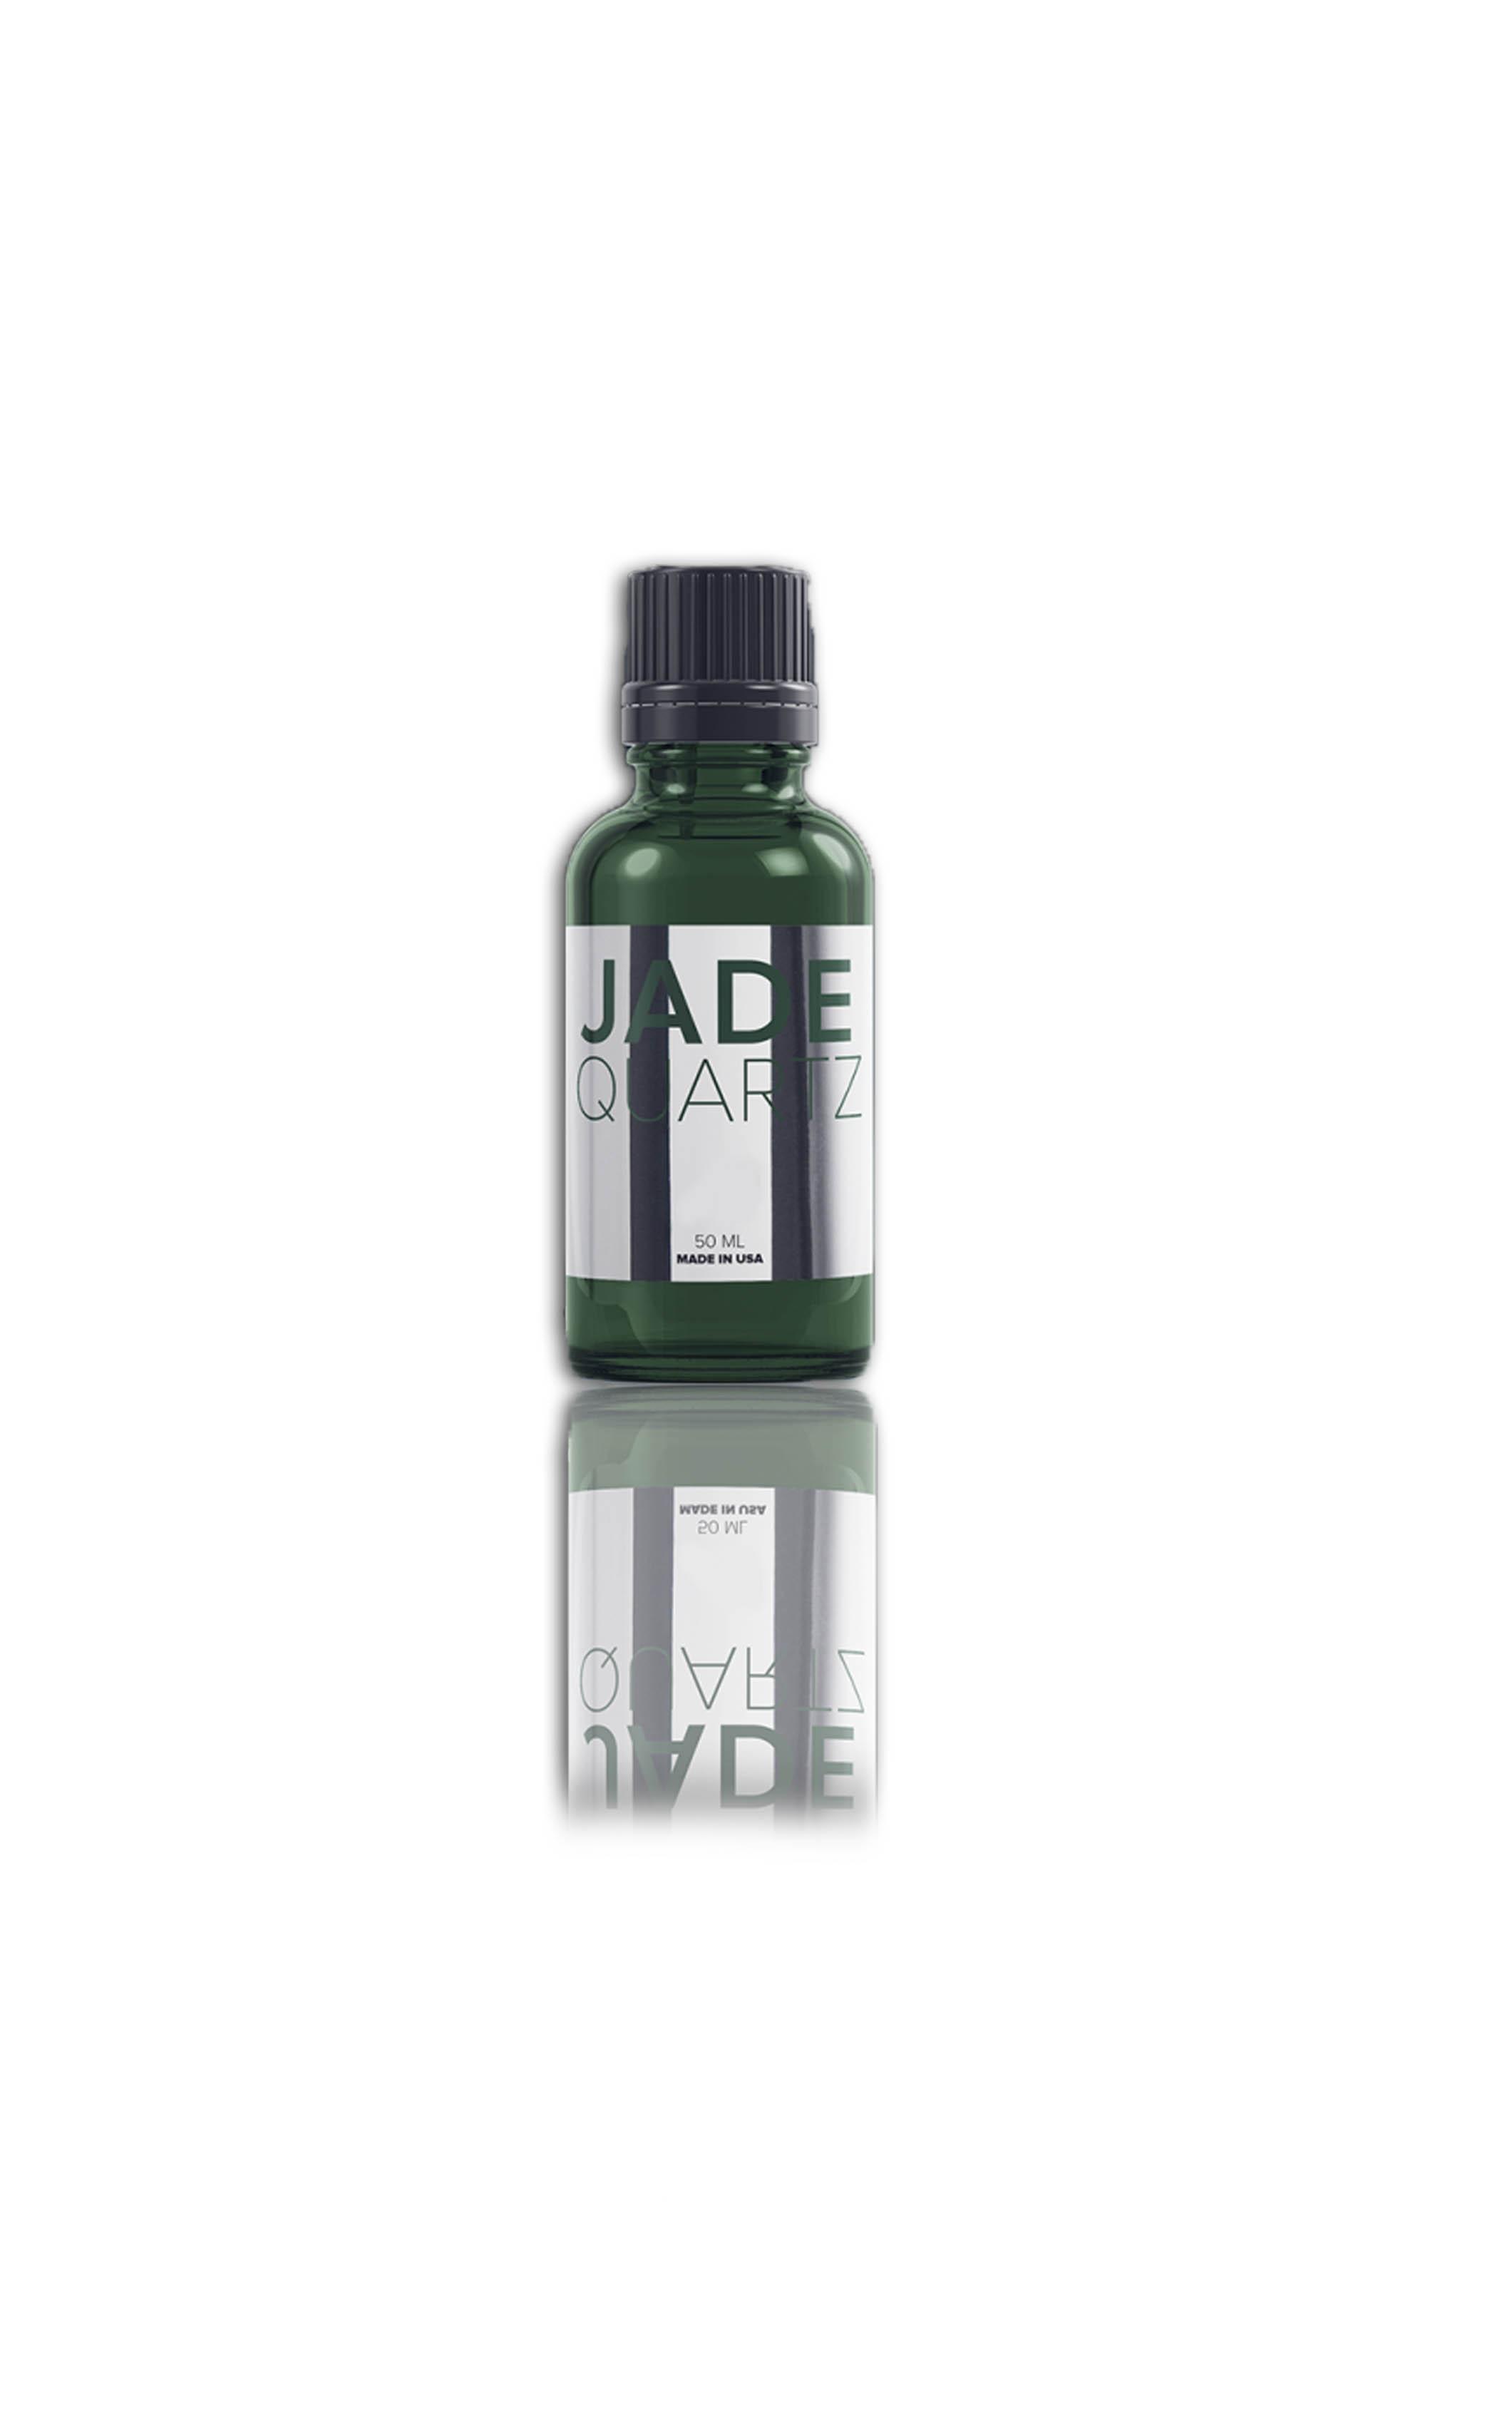 Jade Quartz Ultra Hard Ceramic Coating 50 Ml